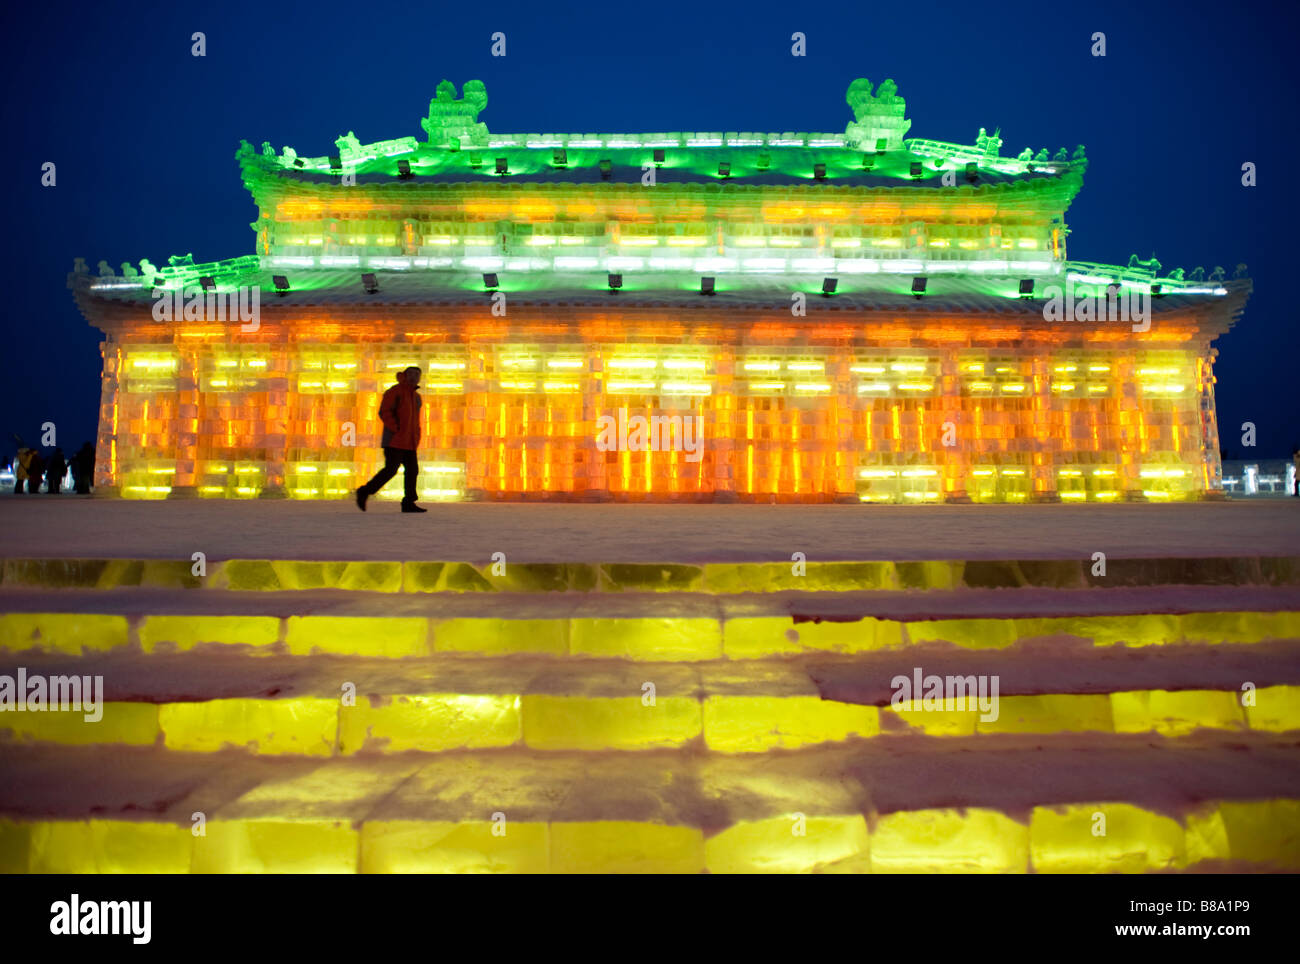 Illuminato spettacolari sculture di ghiaccio a Harbin Ice e Snow Festival nella provincia di Heilongjiang Cina Gennaio Immagini Stock